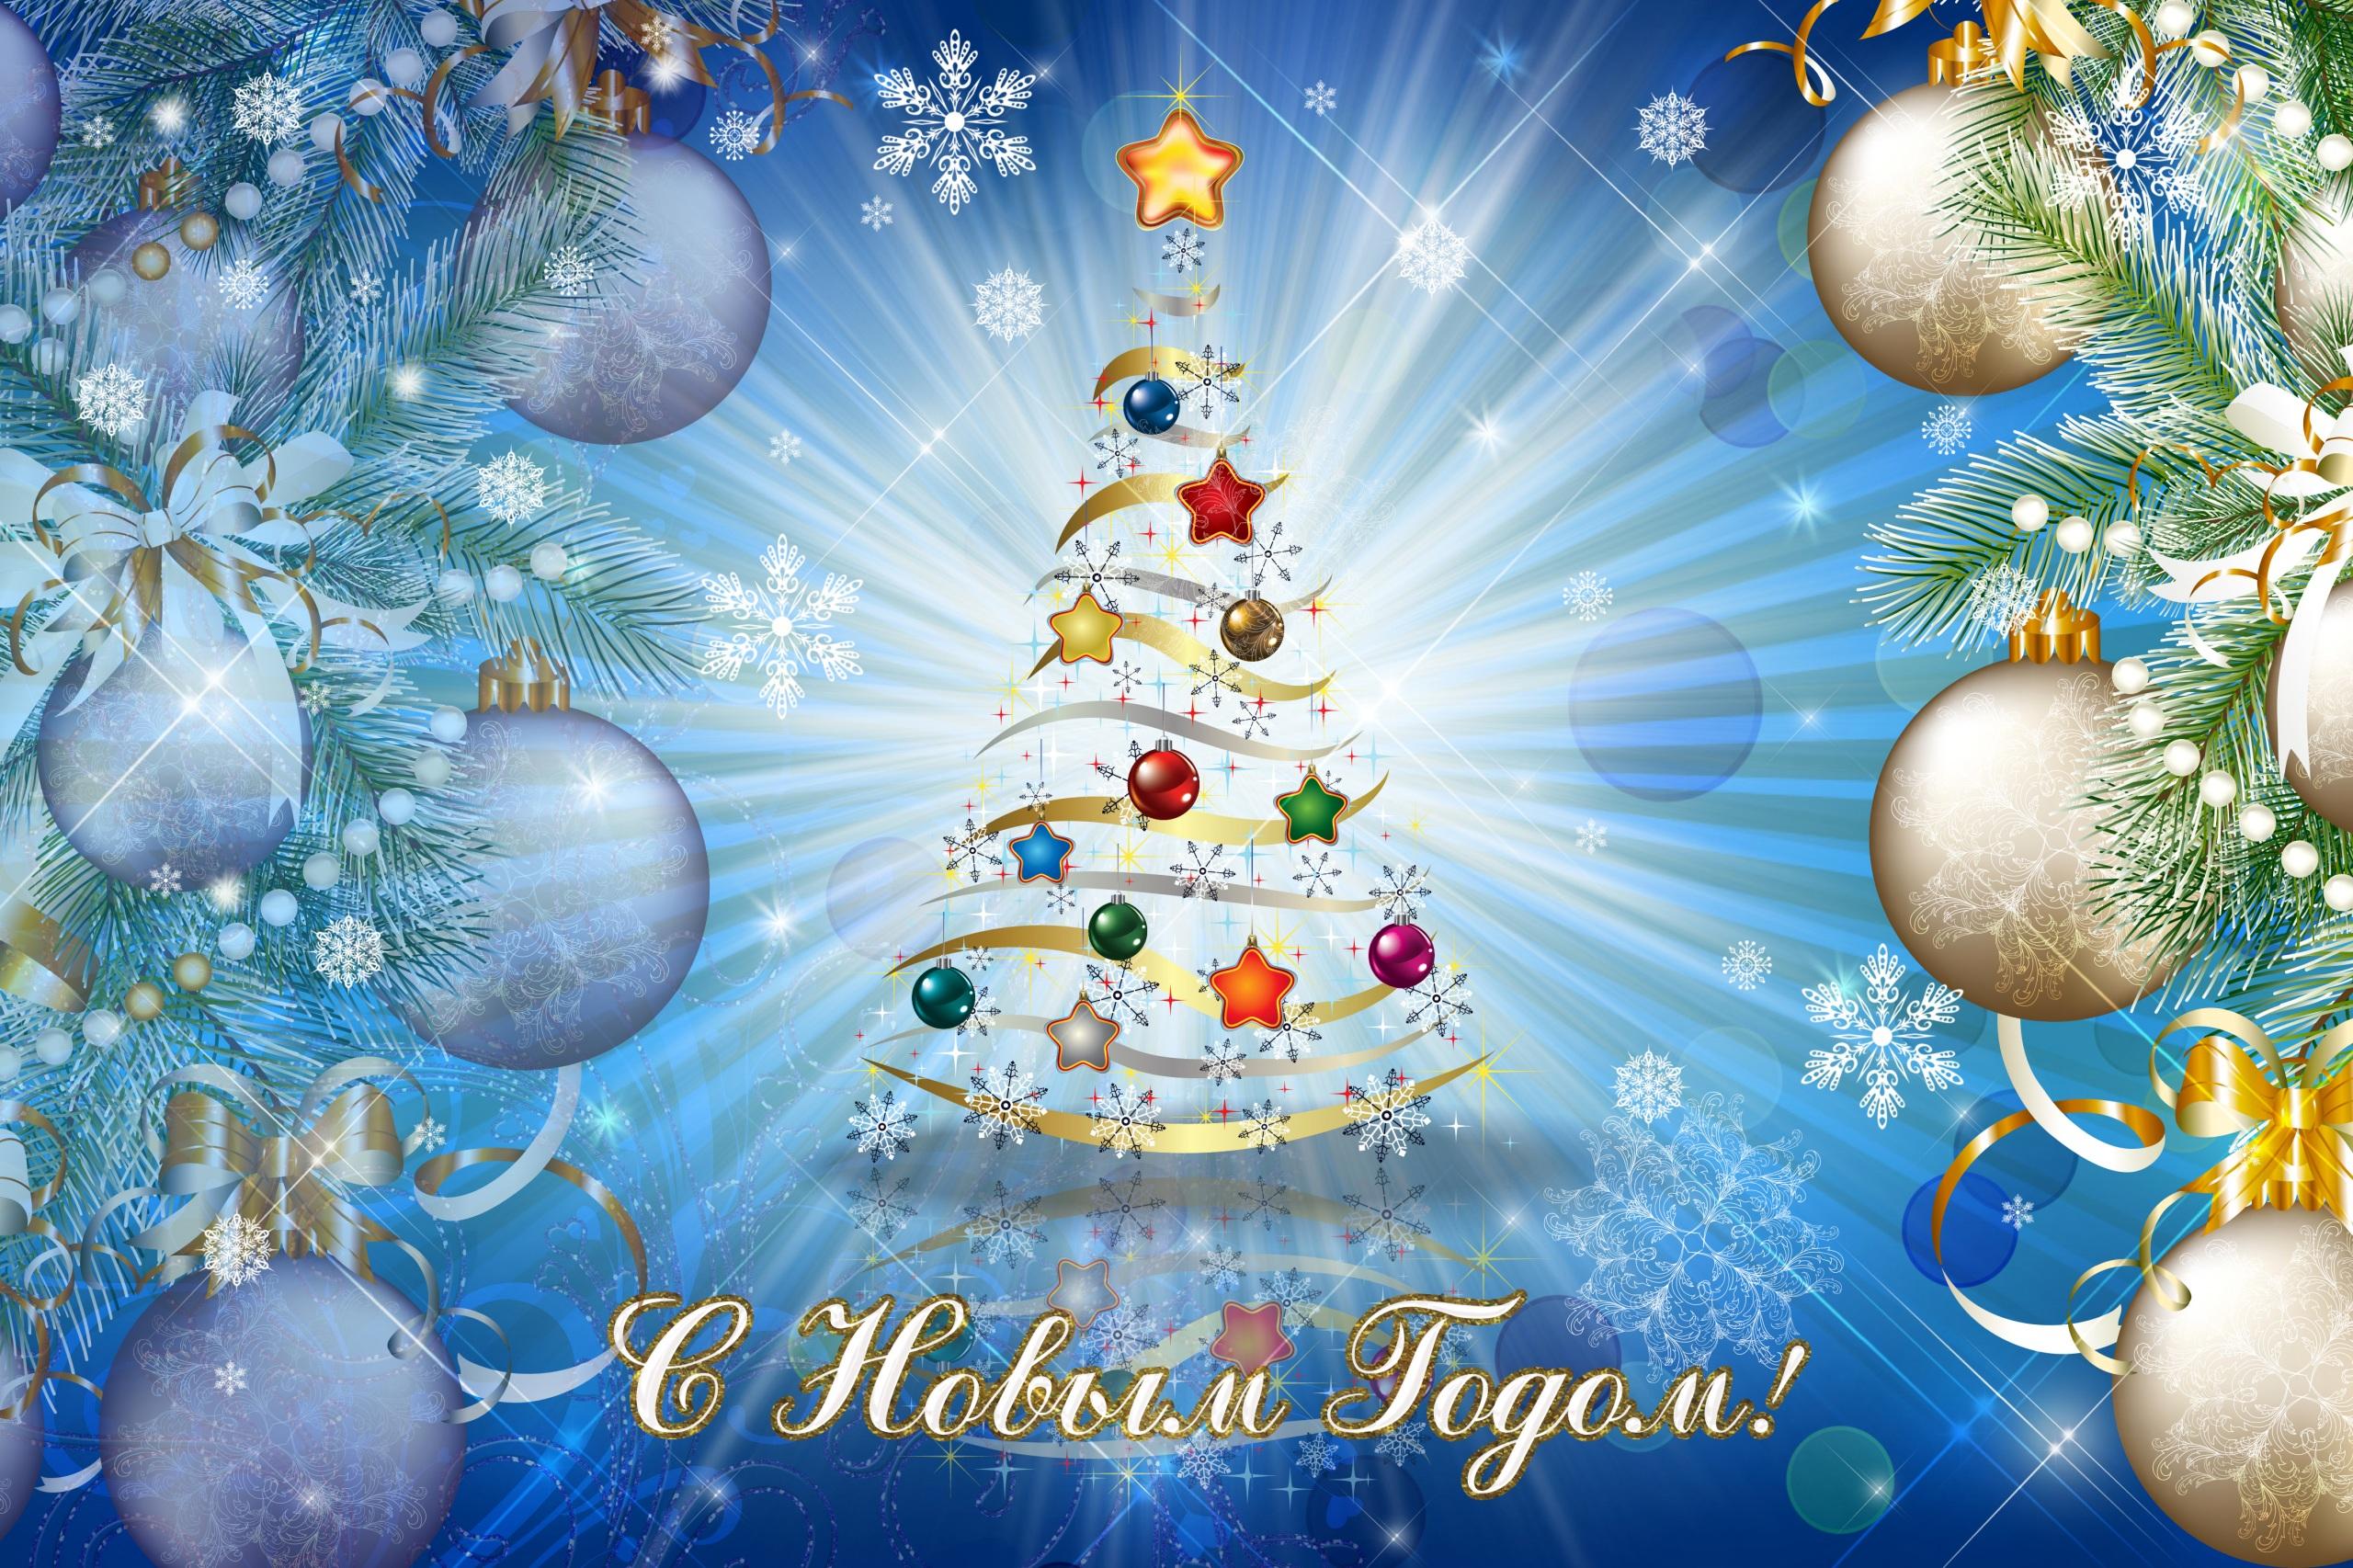 Holidays_Christmas_464723